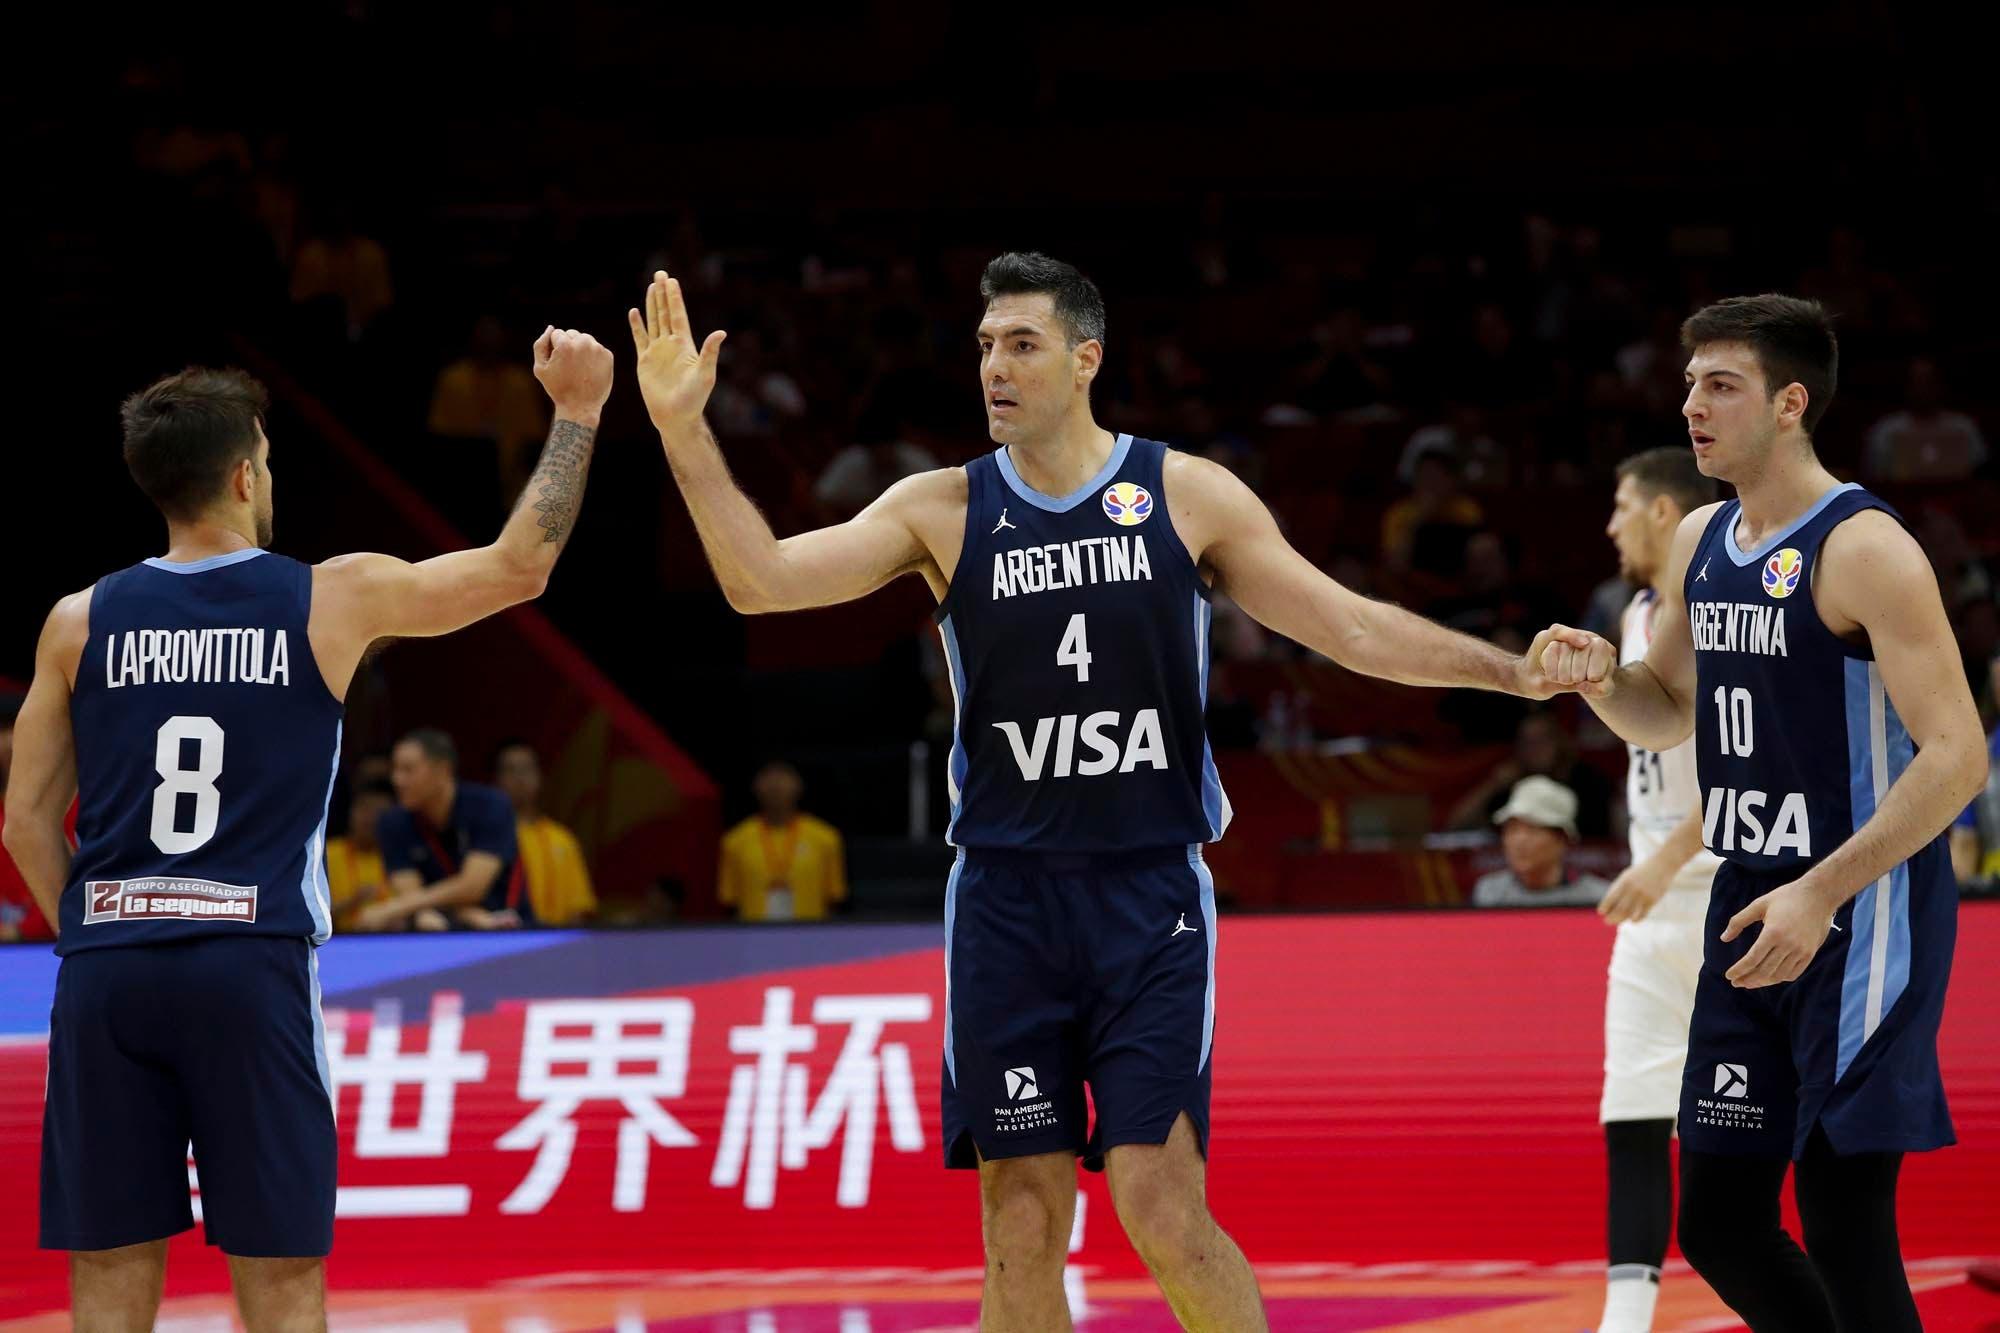 Mundial de básquet: días y horarios de los partidos de la Argentina en la segunda rueda